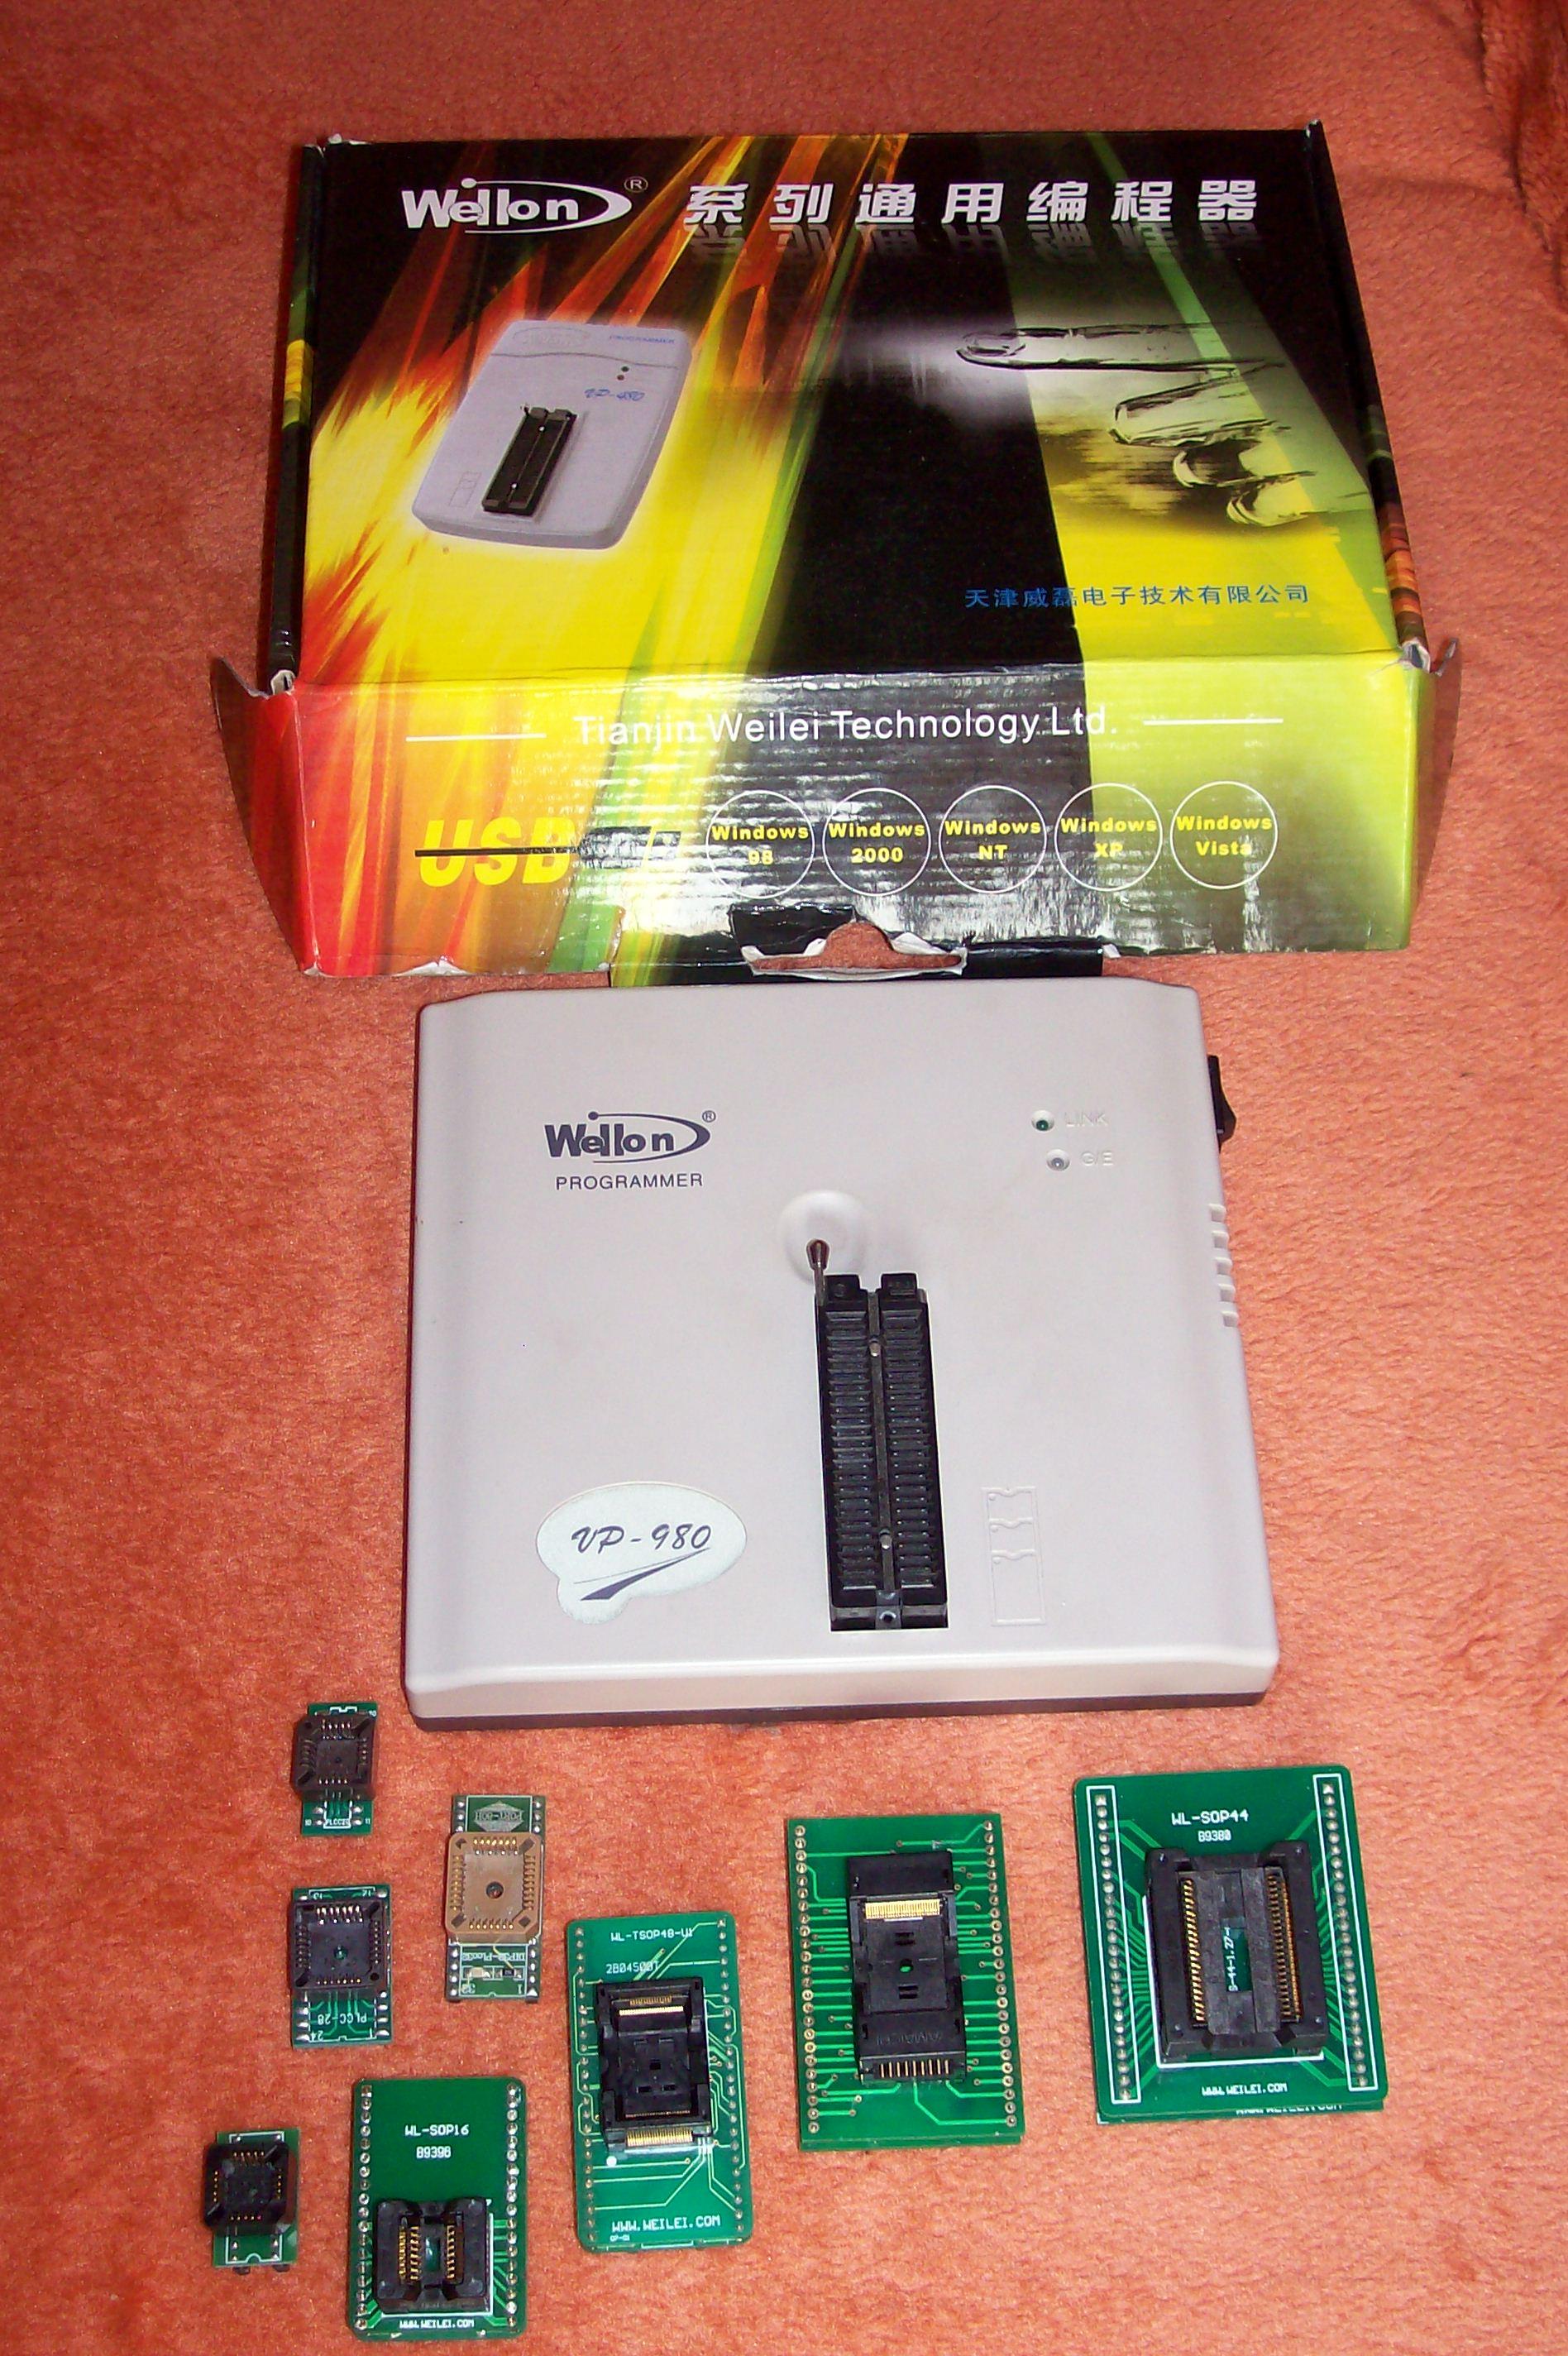 [Sprzedam] Wellon VP980 wraz z adaptorami